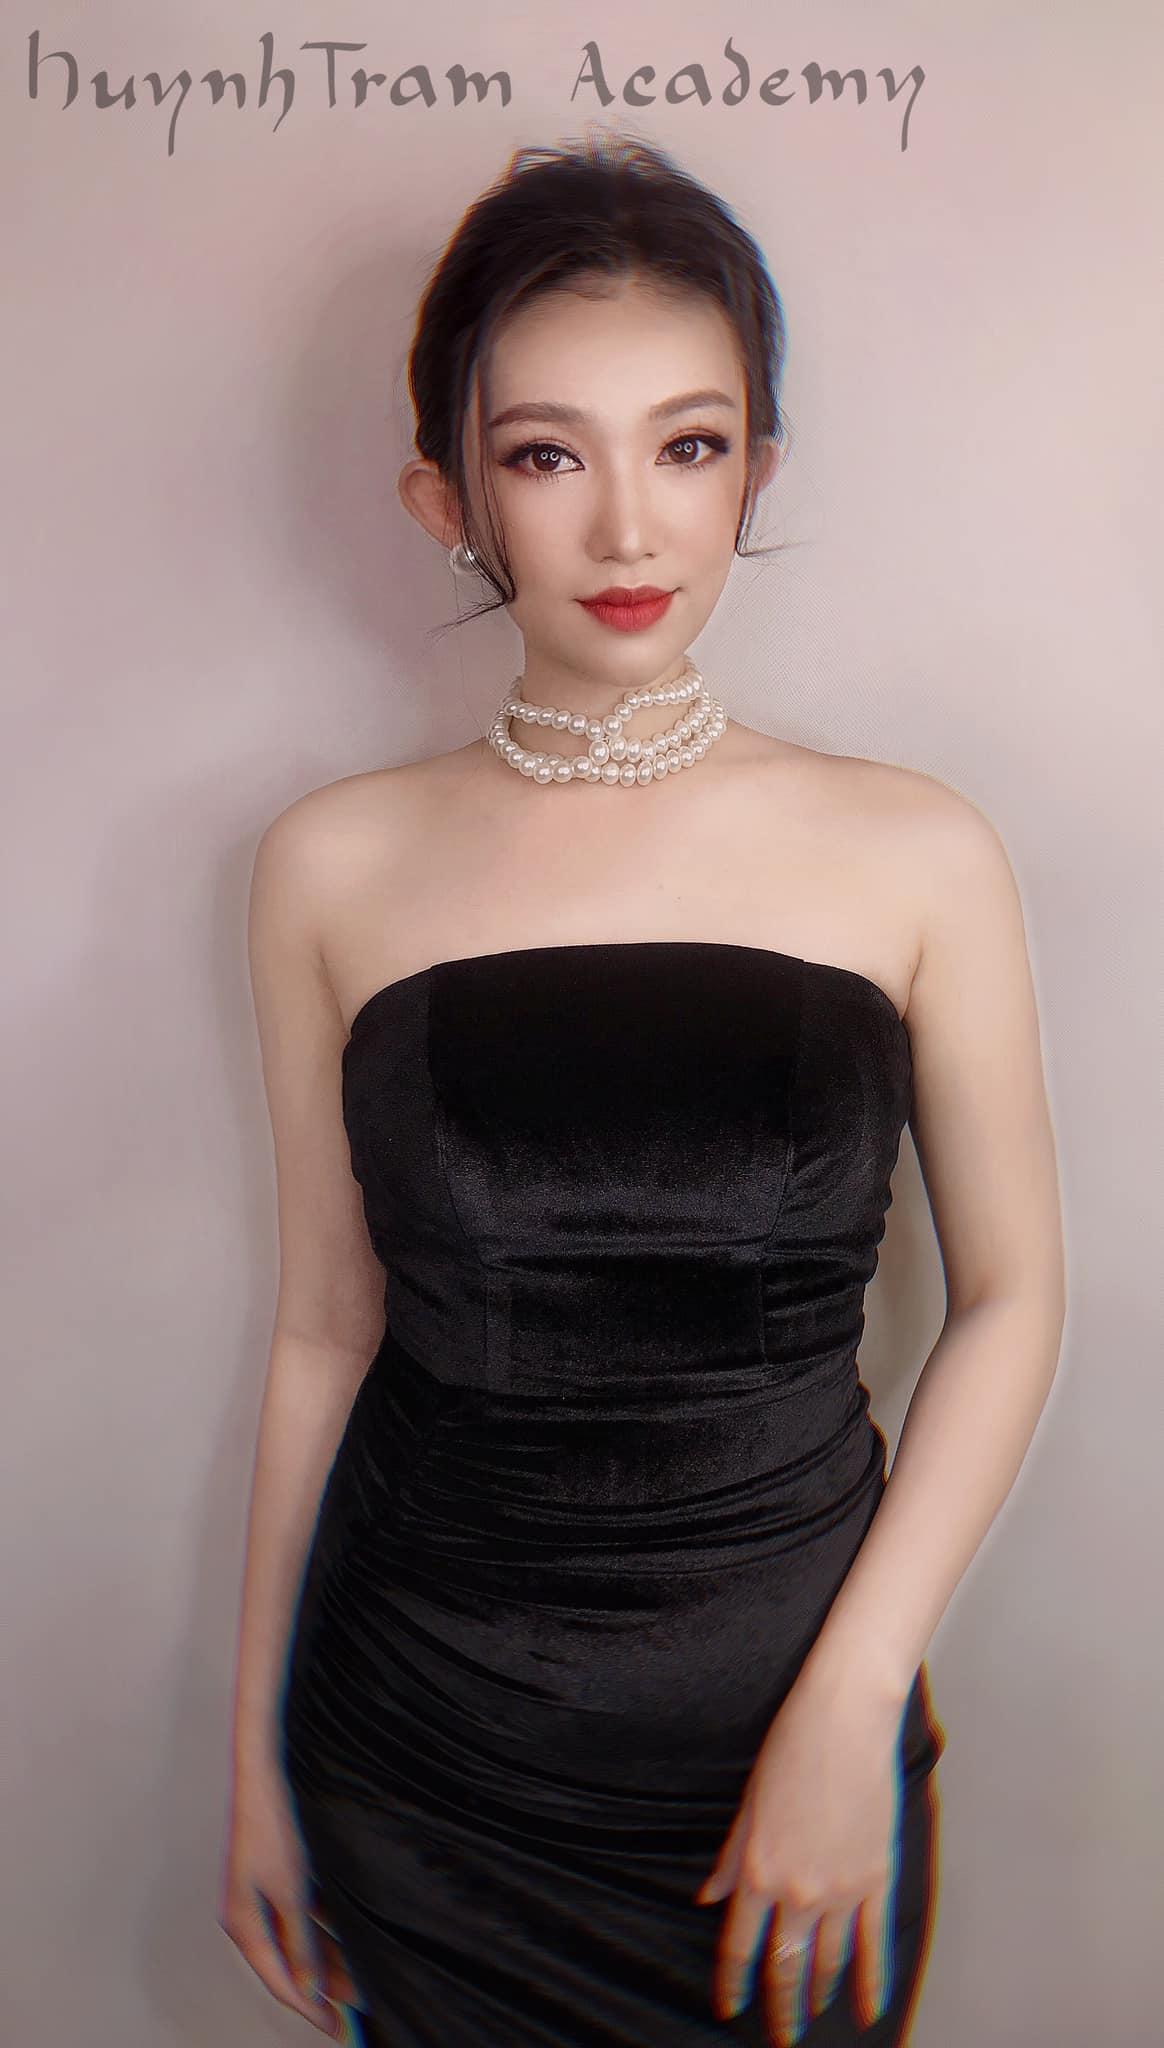 Top 7 tiệm trang điểm cô dâu đẹp nhất tại Cần Thơ -  Makeup Huynh Tram